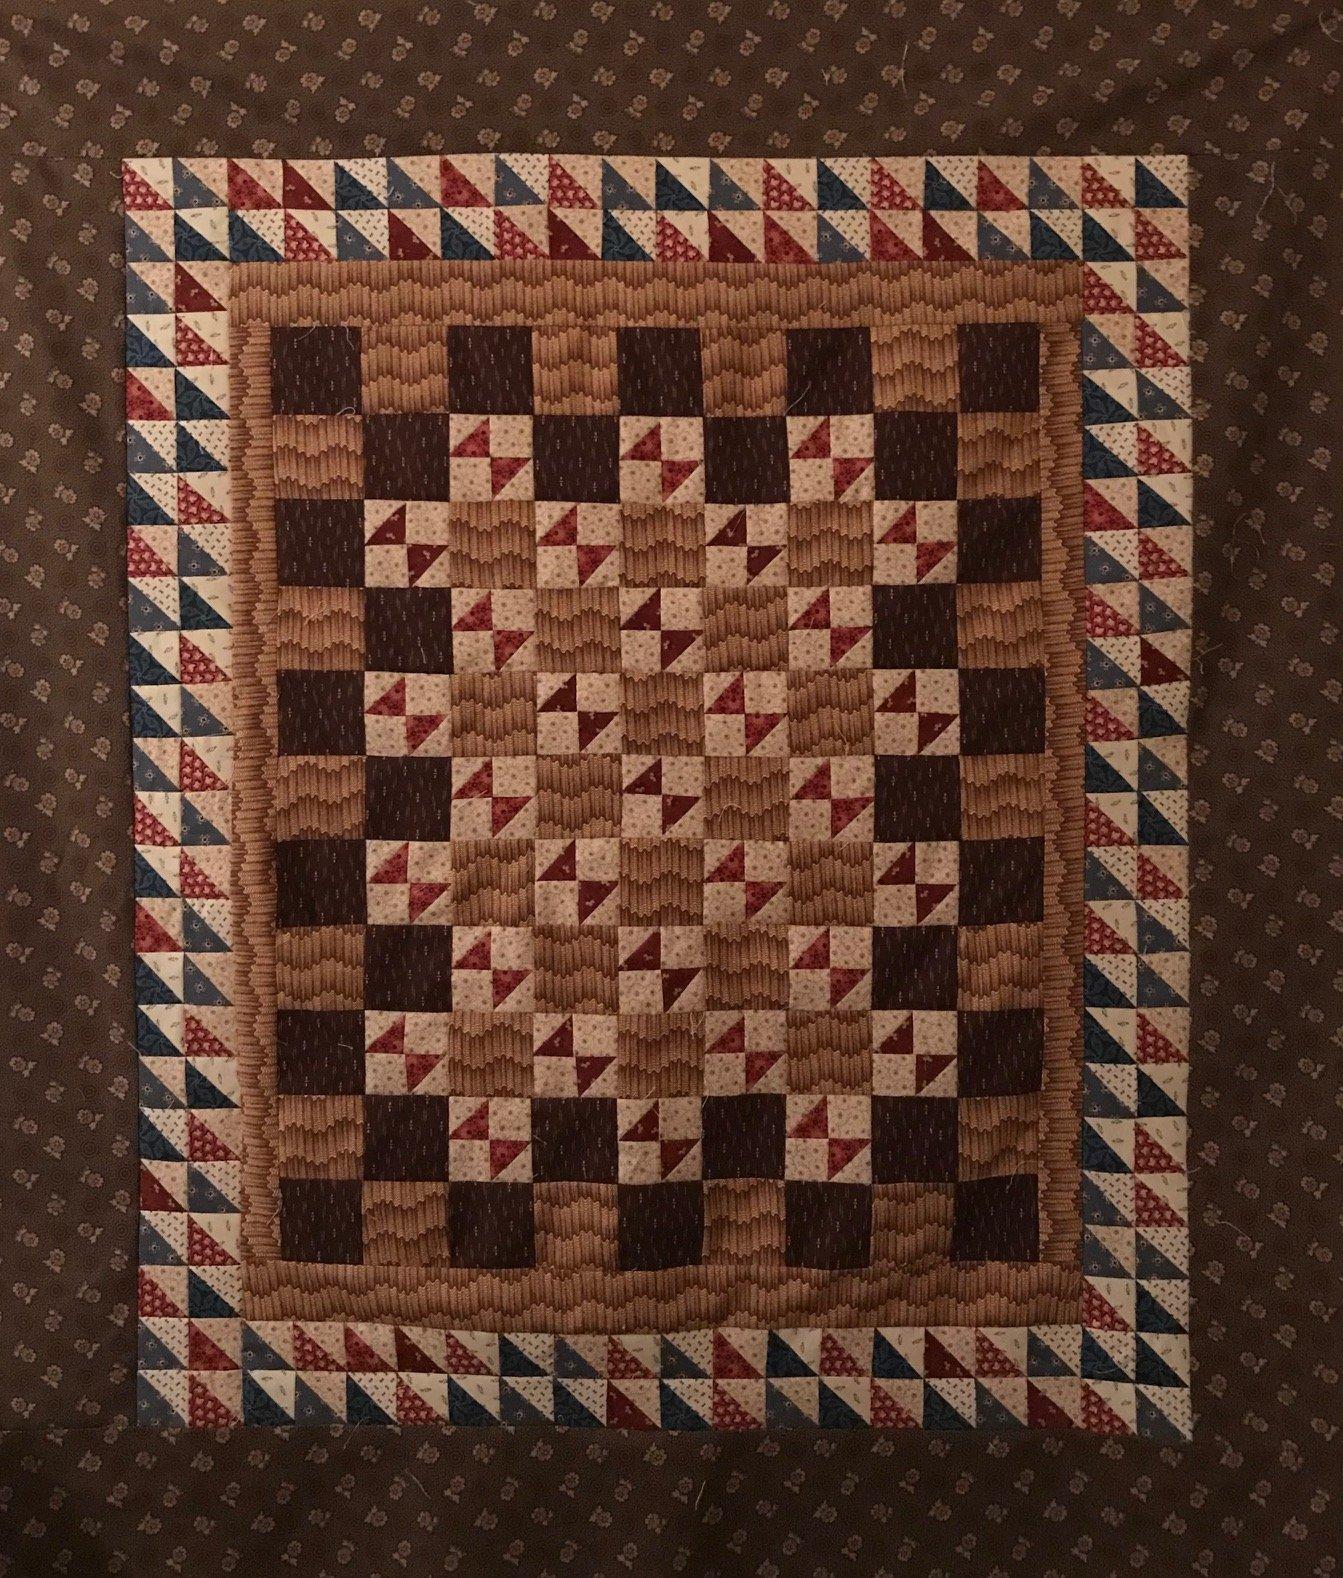 Flora's Quilt